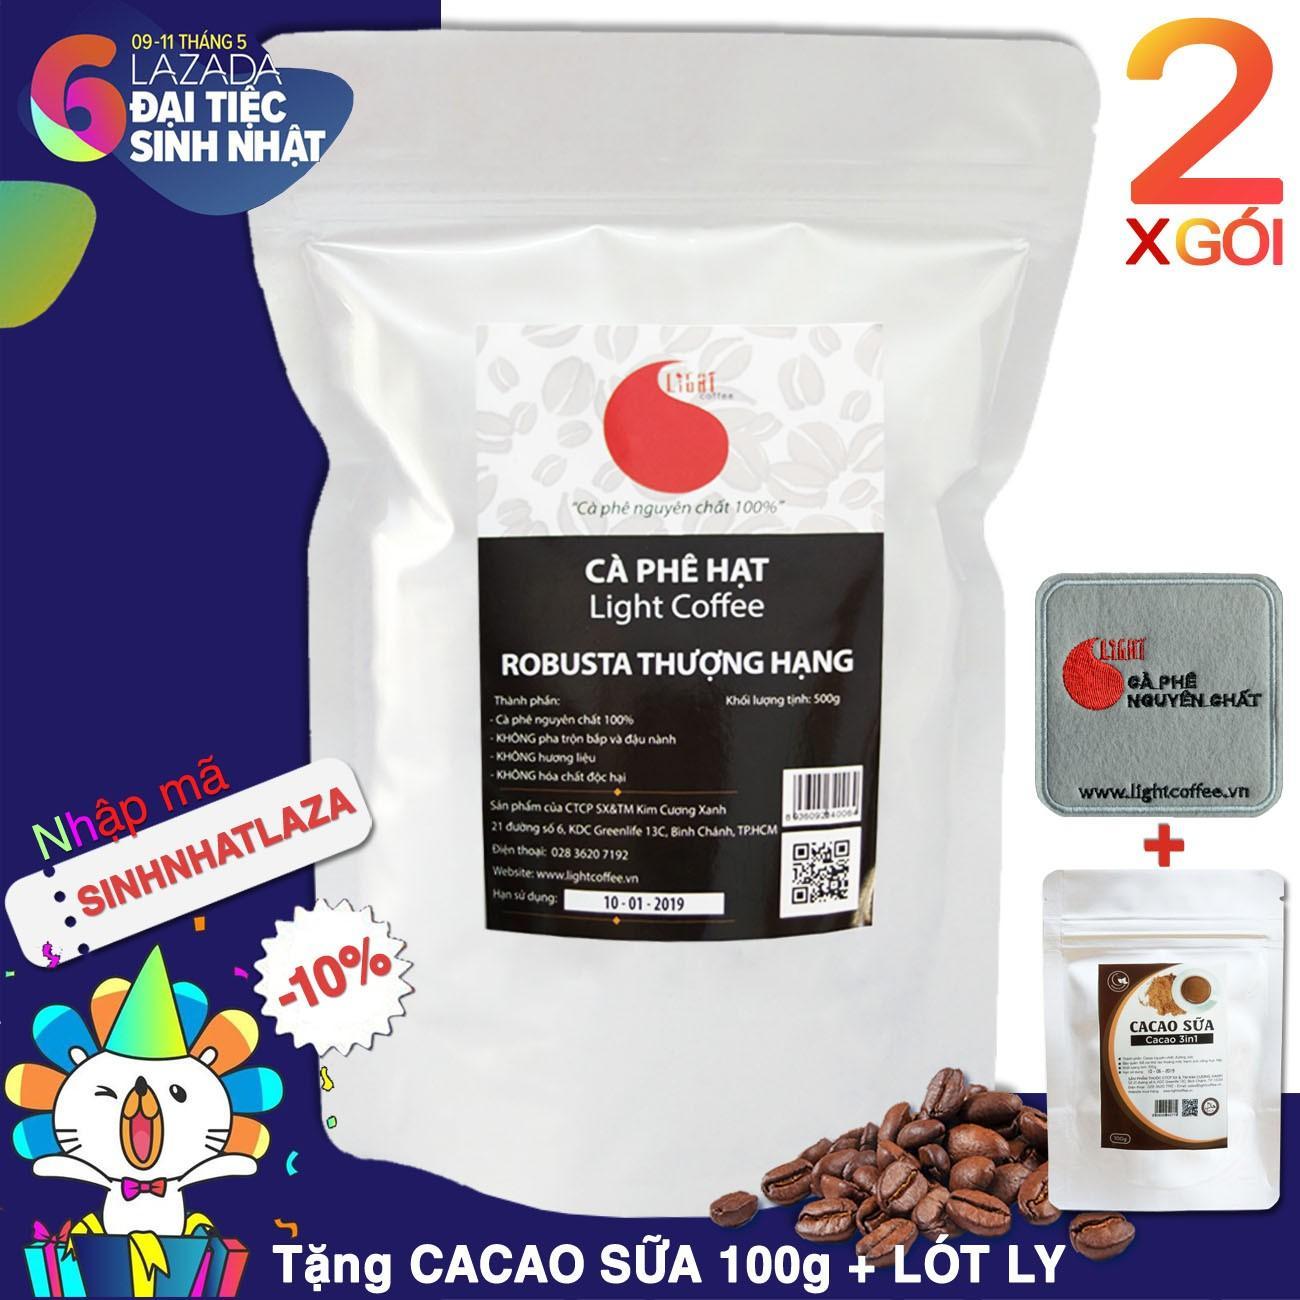 Ôn Tập Ca Phe Hạt Robusta Nguyen Chất 100 Loại 1 Light Coffee 2 Goi 1Kg